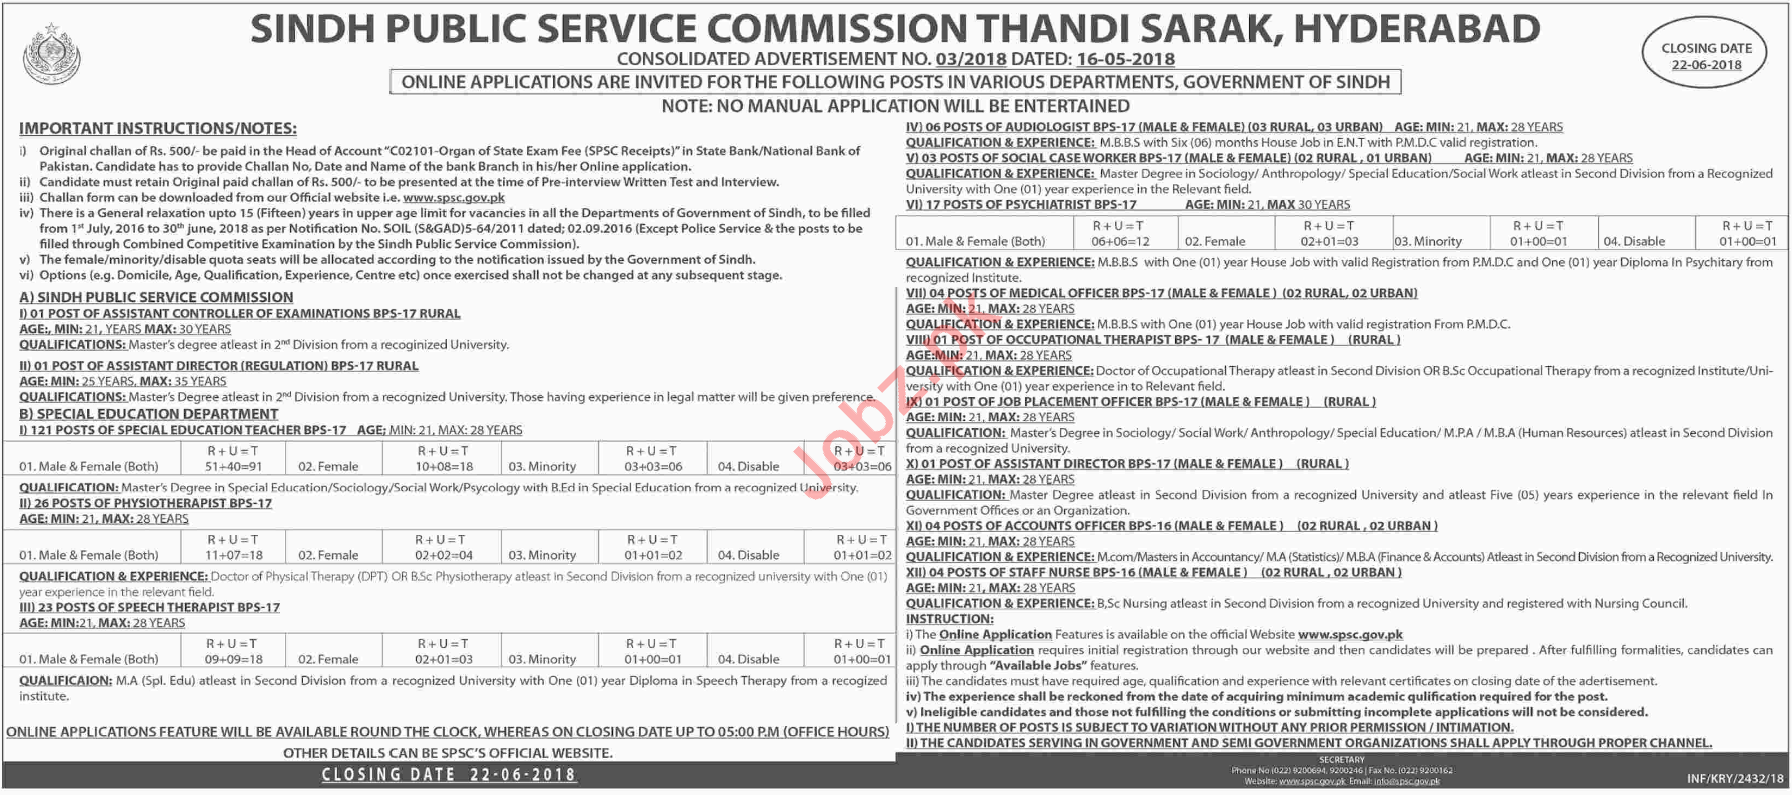 Sindh Public Service Commission SPSC Jobs 2018